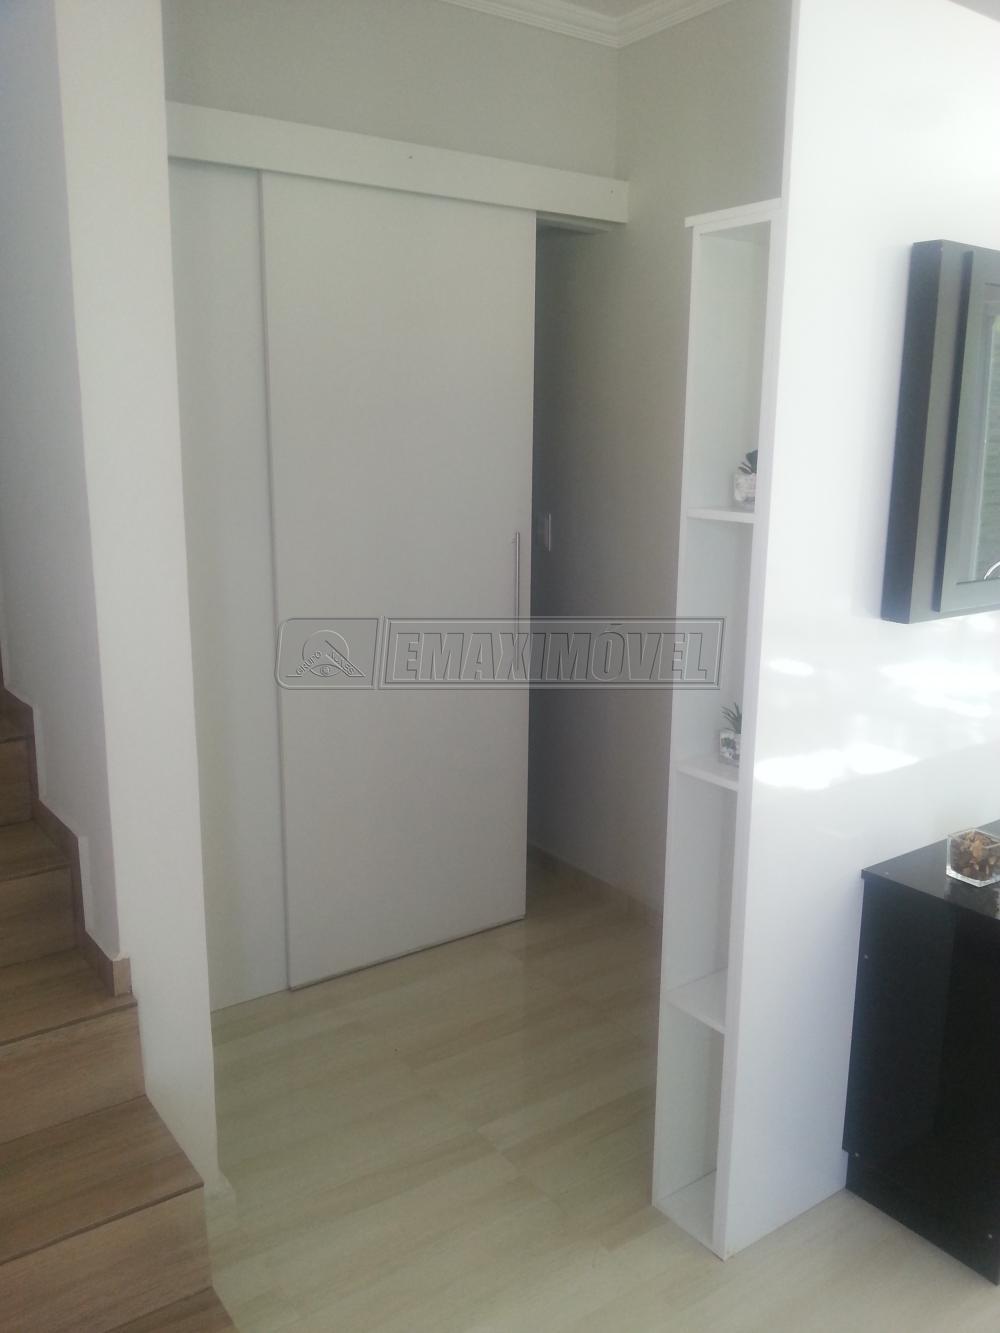 Comprar Casas / em Condomínios em Sorocaba apenas R$ 199.000,00 - Foto 3